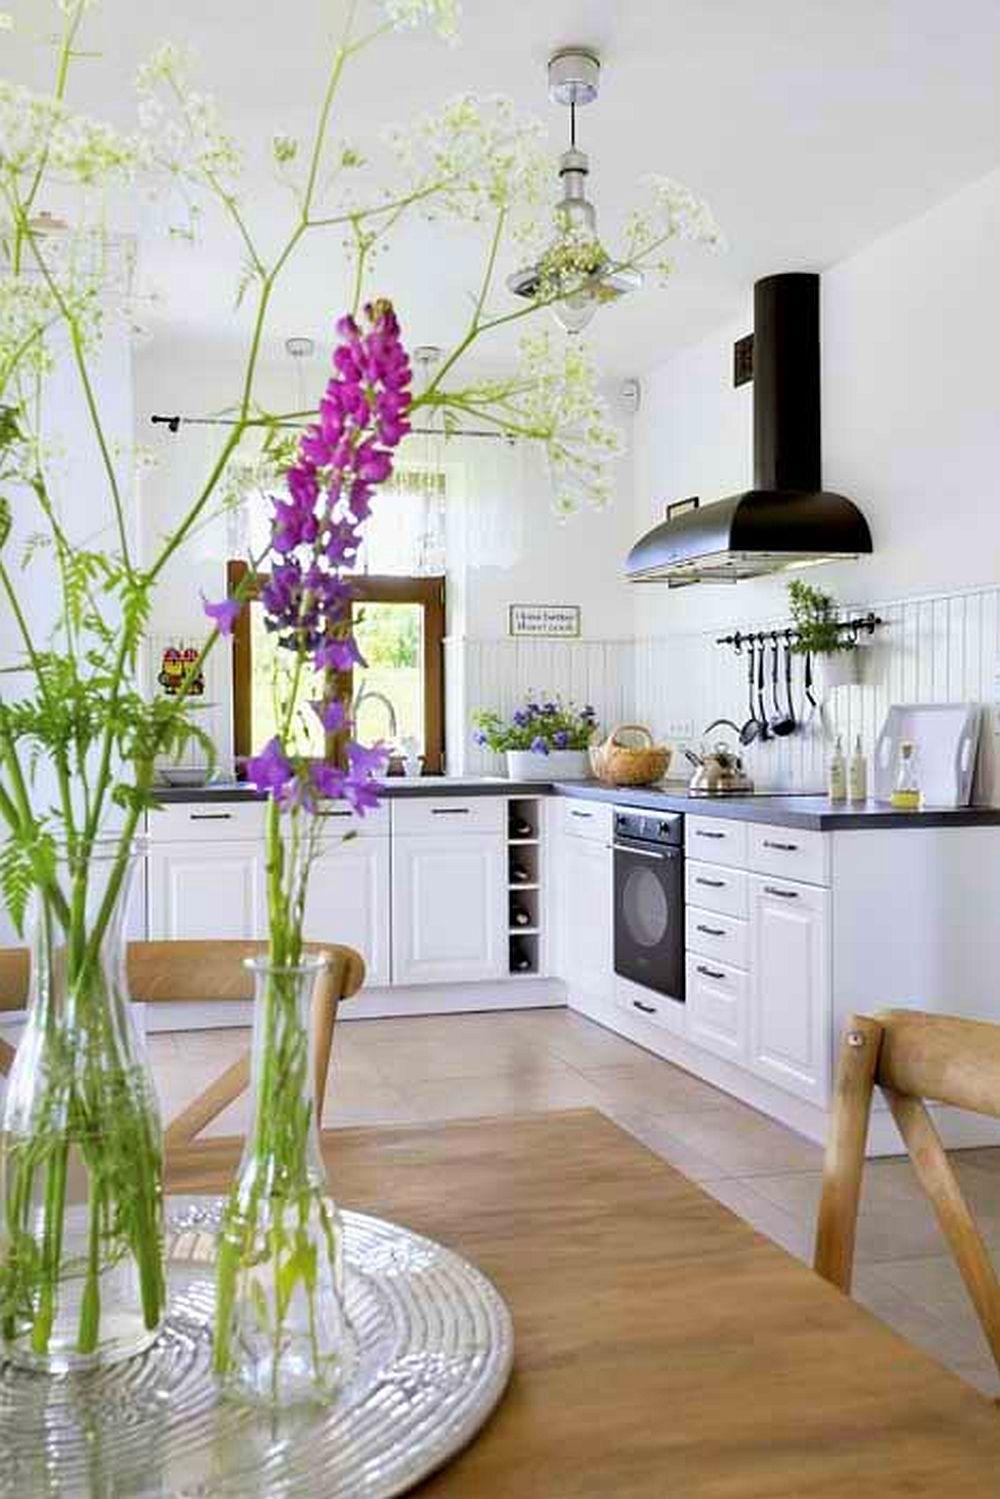 adelaparvu.com despre casa cu exterior rustic, interior modern, amenajare scandinava, casa Polonia, Foto Aneta Tryczynska (11)